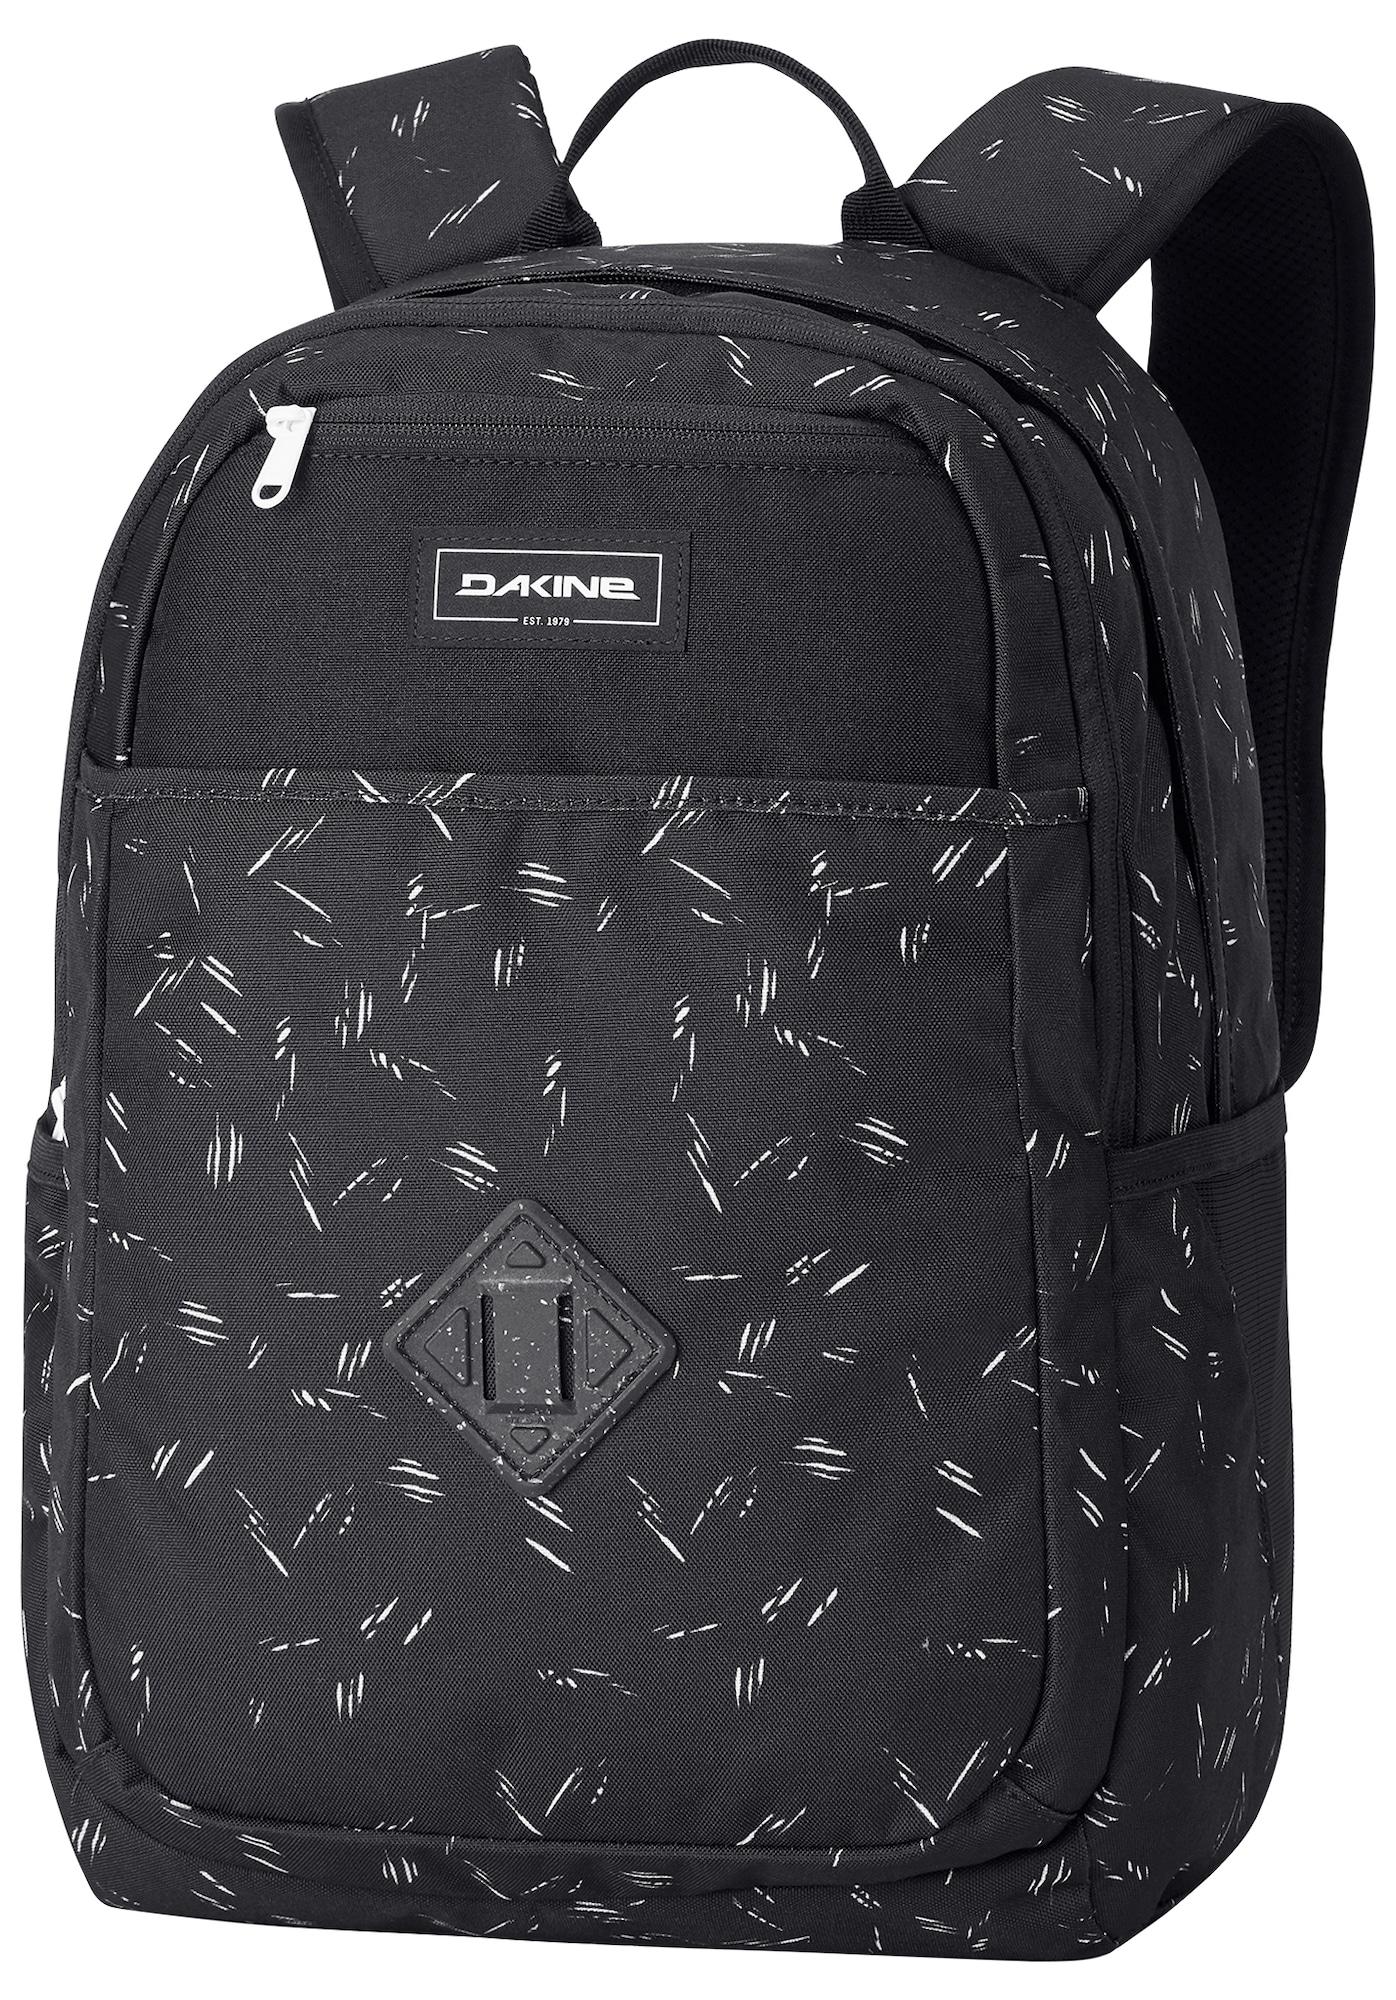 Rucksack | Taschen > Rucksäcke > Sonstige Rucksäcke | Schwarz - Weiß | Dakine